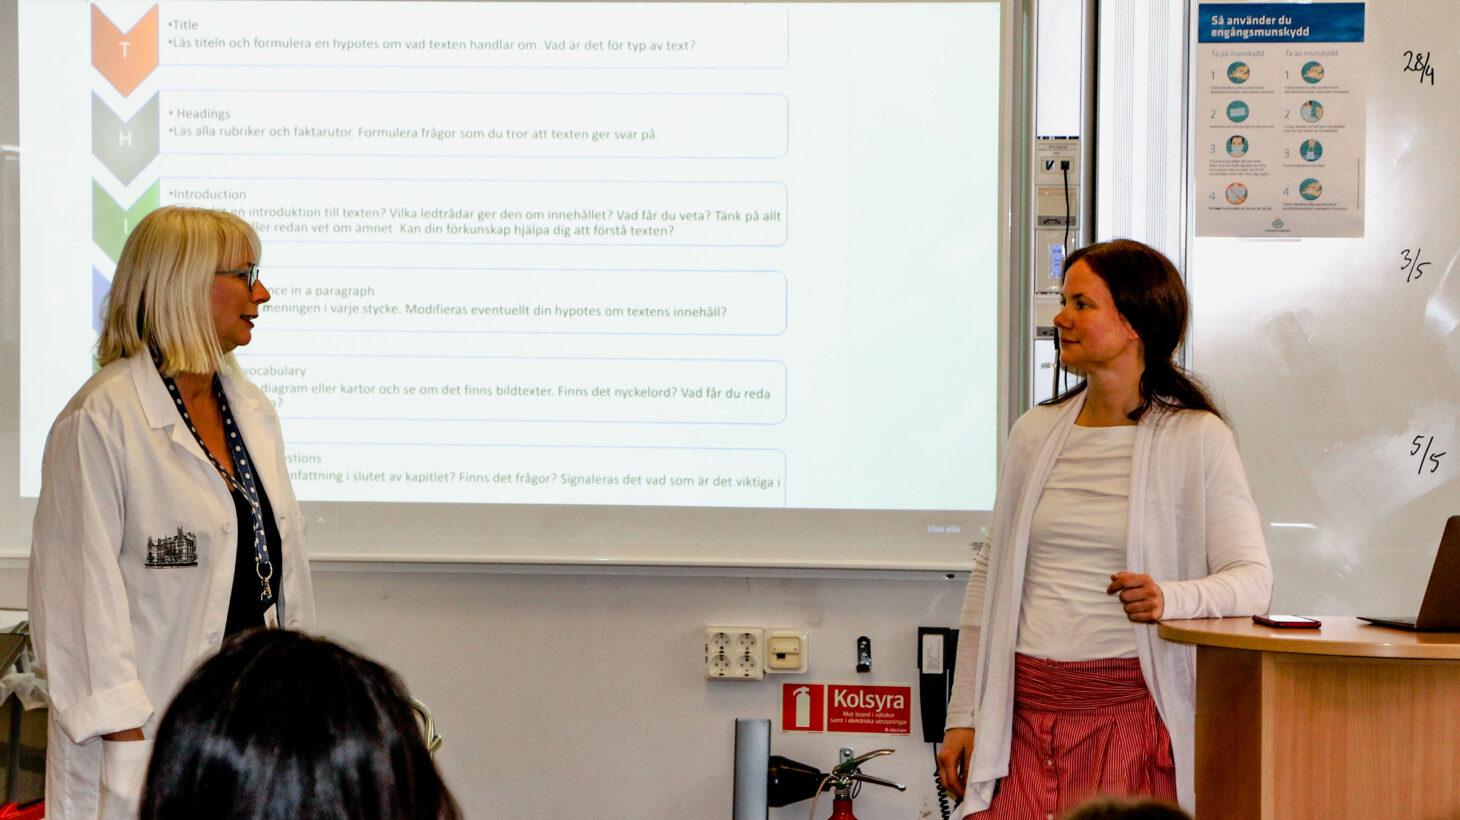 Emelie Bjurling och Linda Ellinore Lindberg föreläser i ett klassrum.